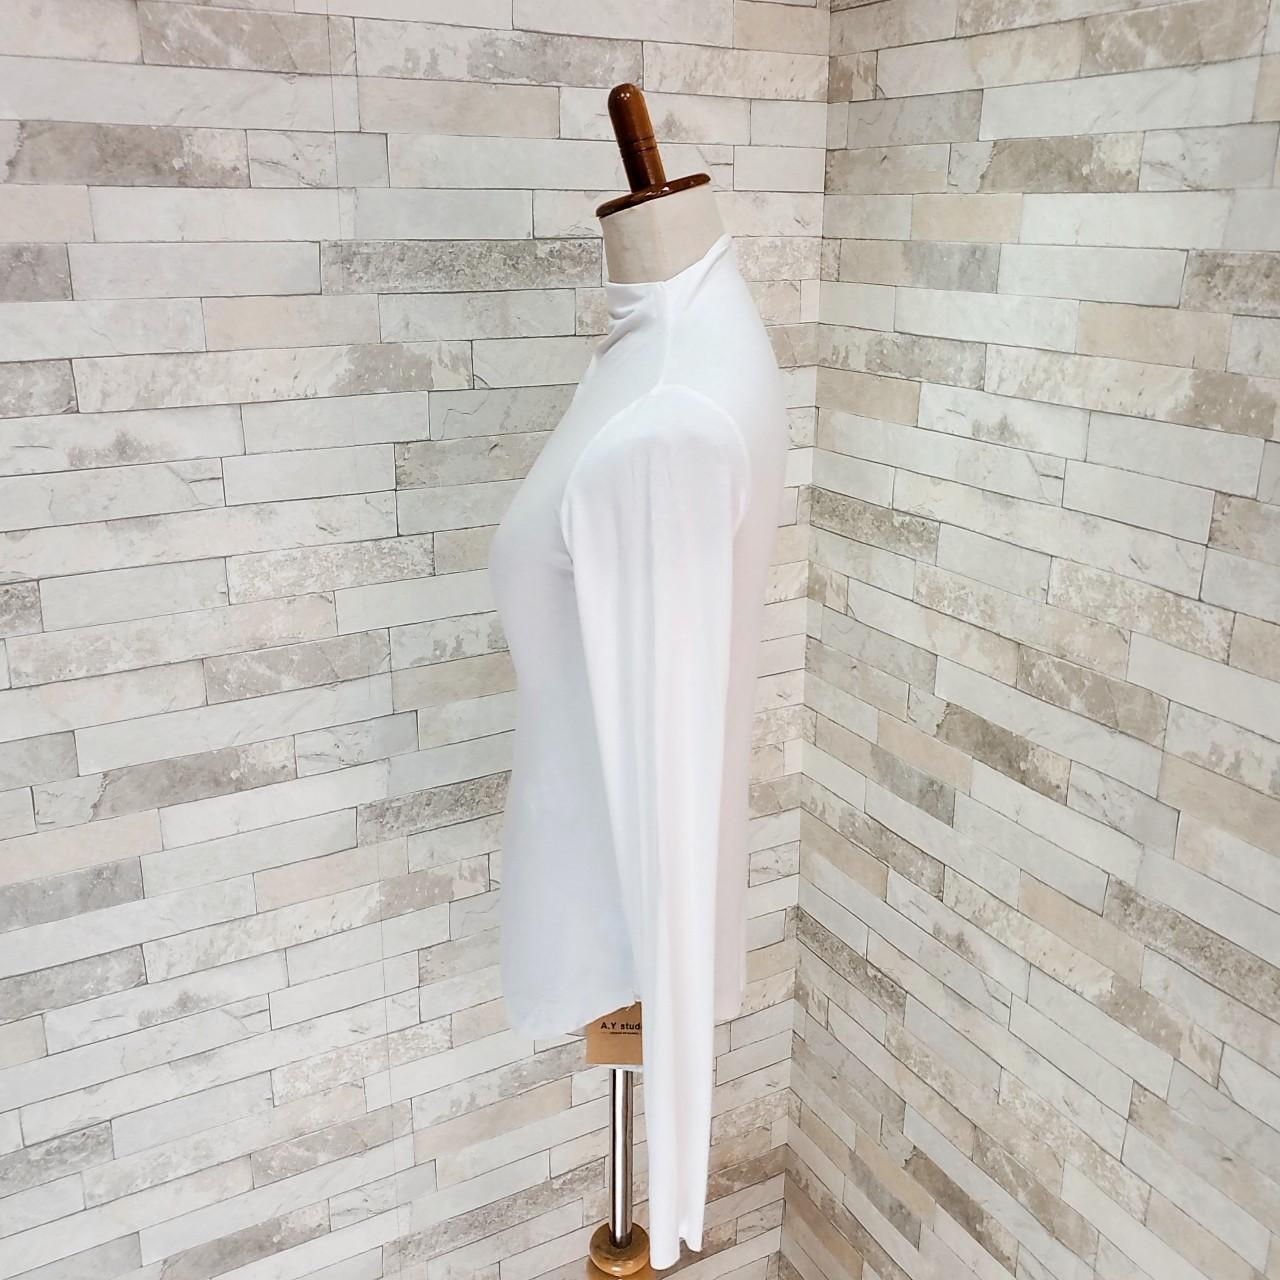 【即納】韓国 ファッション トップス Tシャツ カットソー 秋 冬 カジュアル SPTXD048  ボトルネック ハイネック ロンT ベーシック タイト ジャケッ オルチャン シンプル 定番 セレカジの写真20枚目